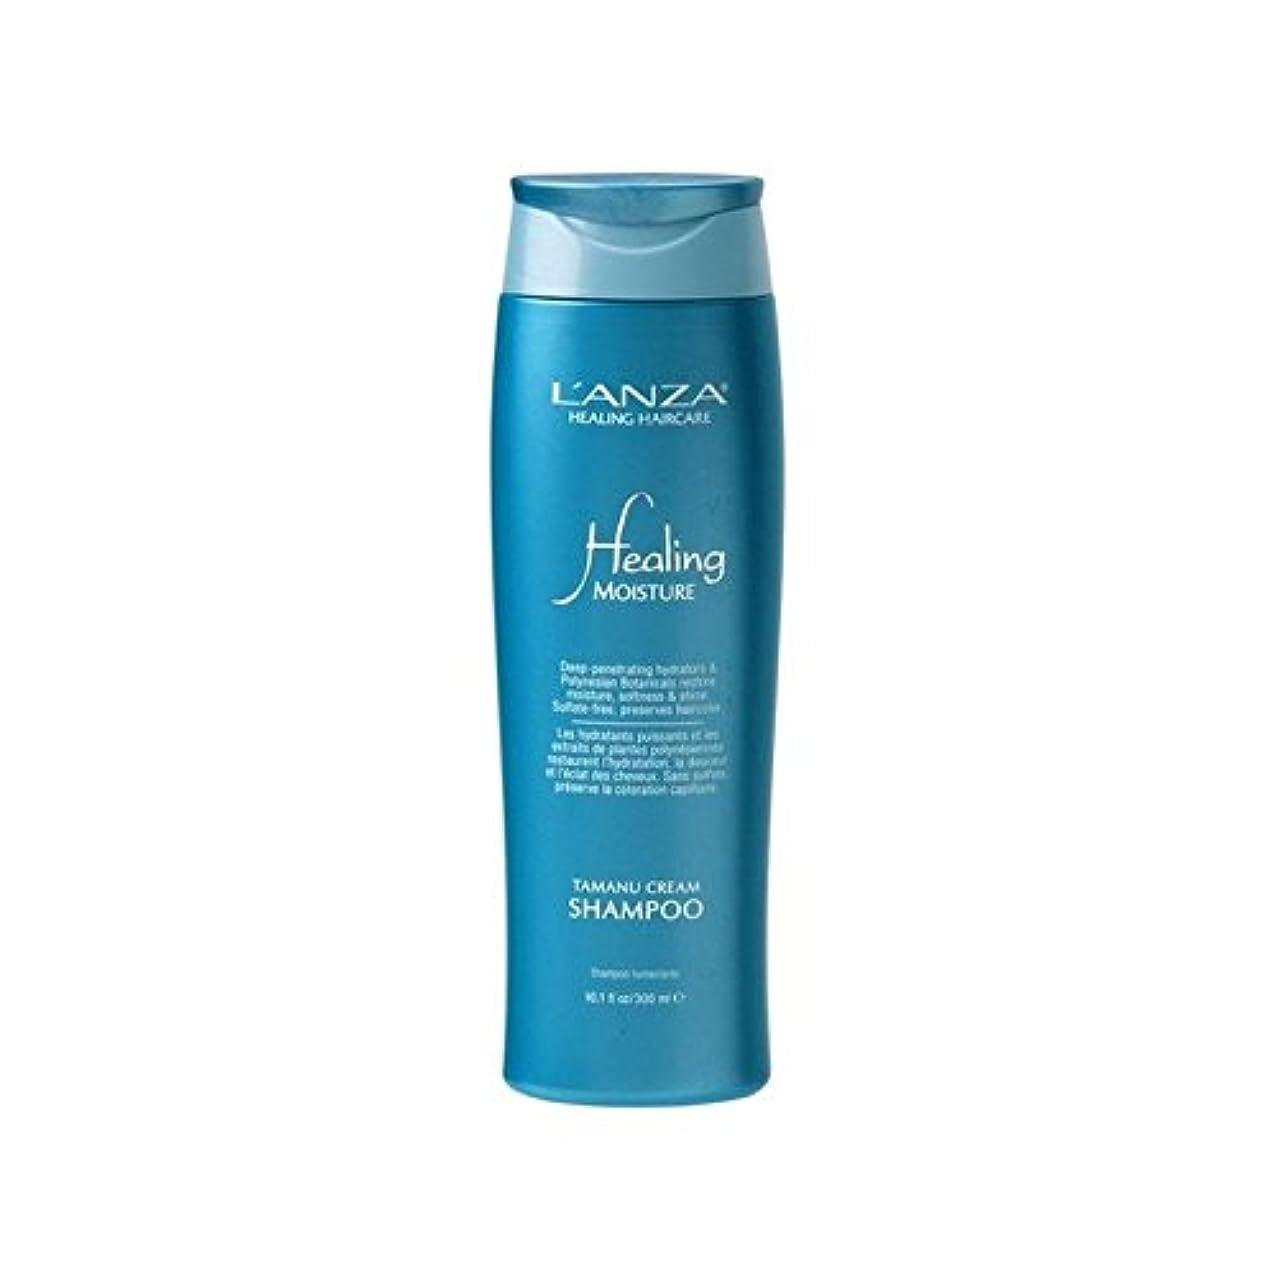 コロニアルキルトほこりっぽいL'Anza Healing Moisture Tamanu Cream Shampoo (300ml) - アンザ癒しの水分タマヌクリームシャンプー(300ミリリットル) [並行輸入品]